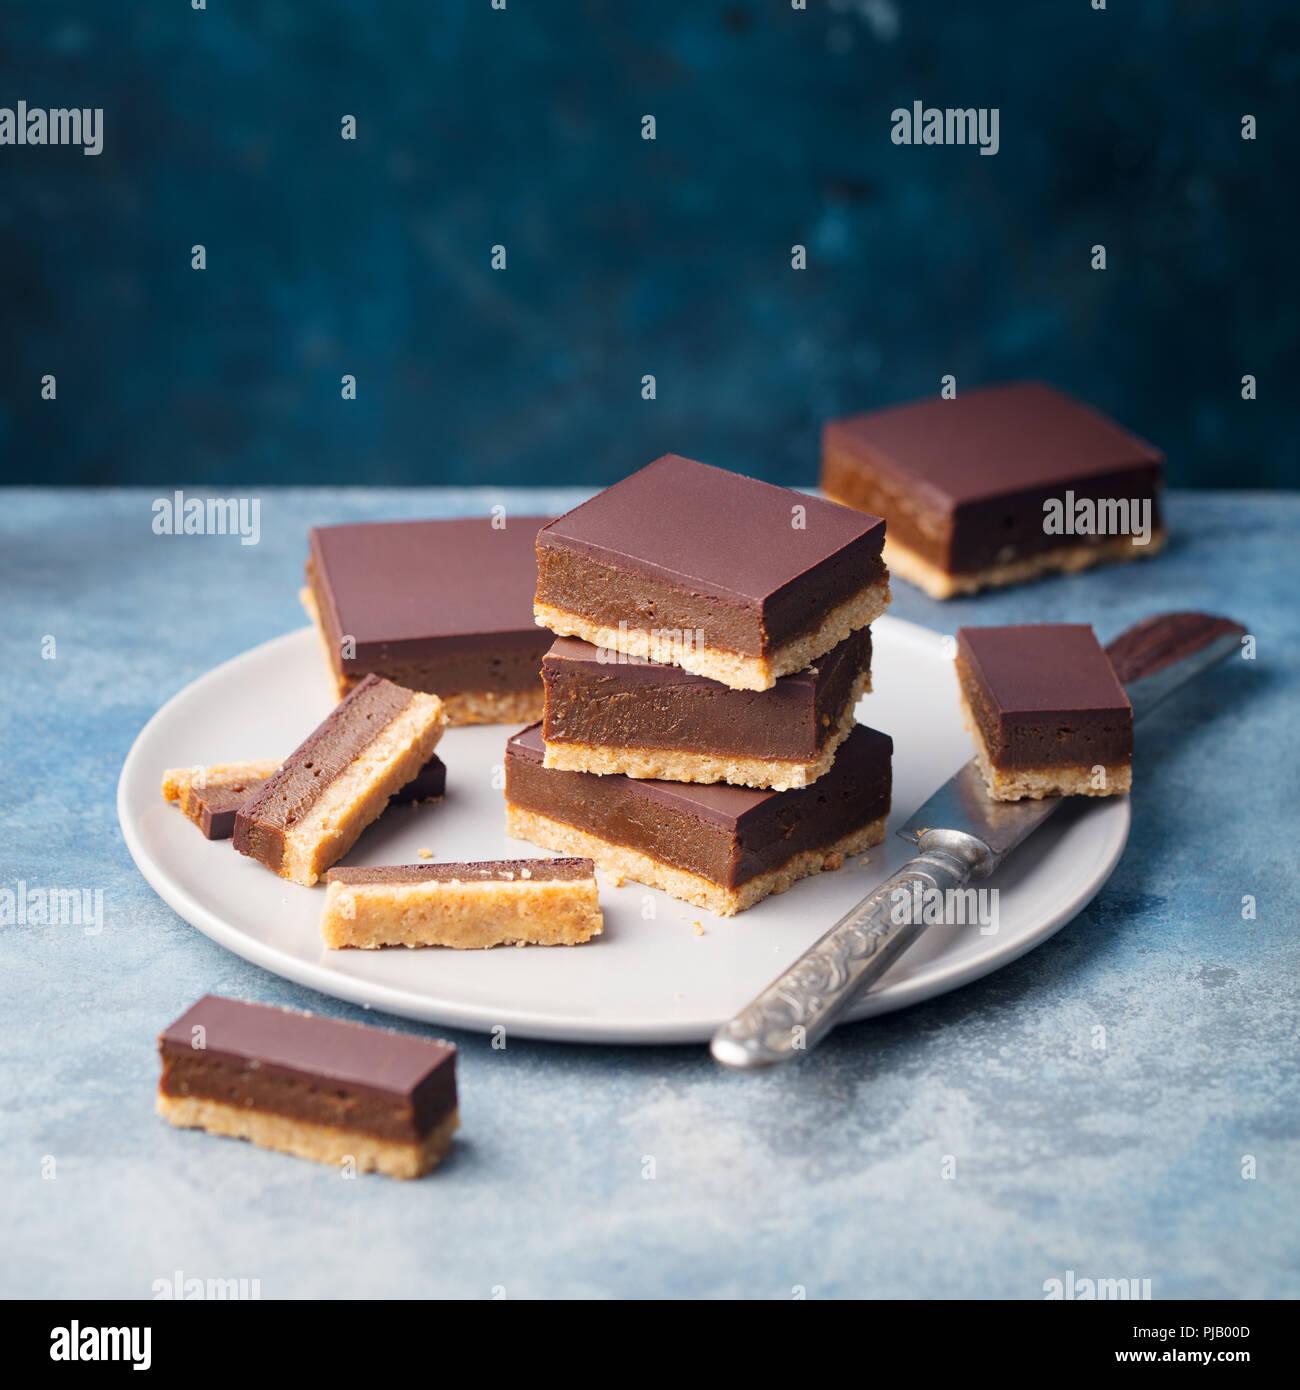 Cortes, barras de caramelo de chocolate, millonarios en un plato de galletas de mantequilla. Fondo azul. Copie el espacio. Imagen De Stock